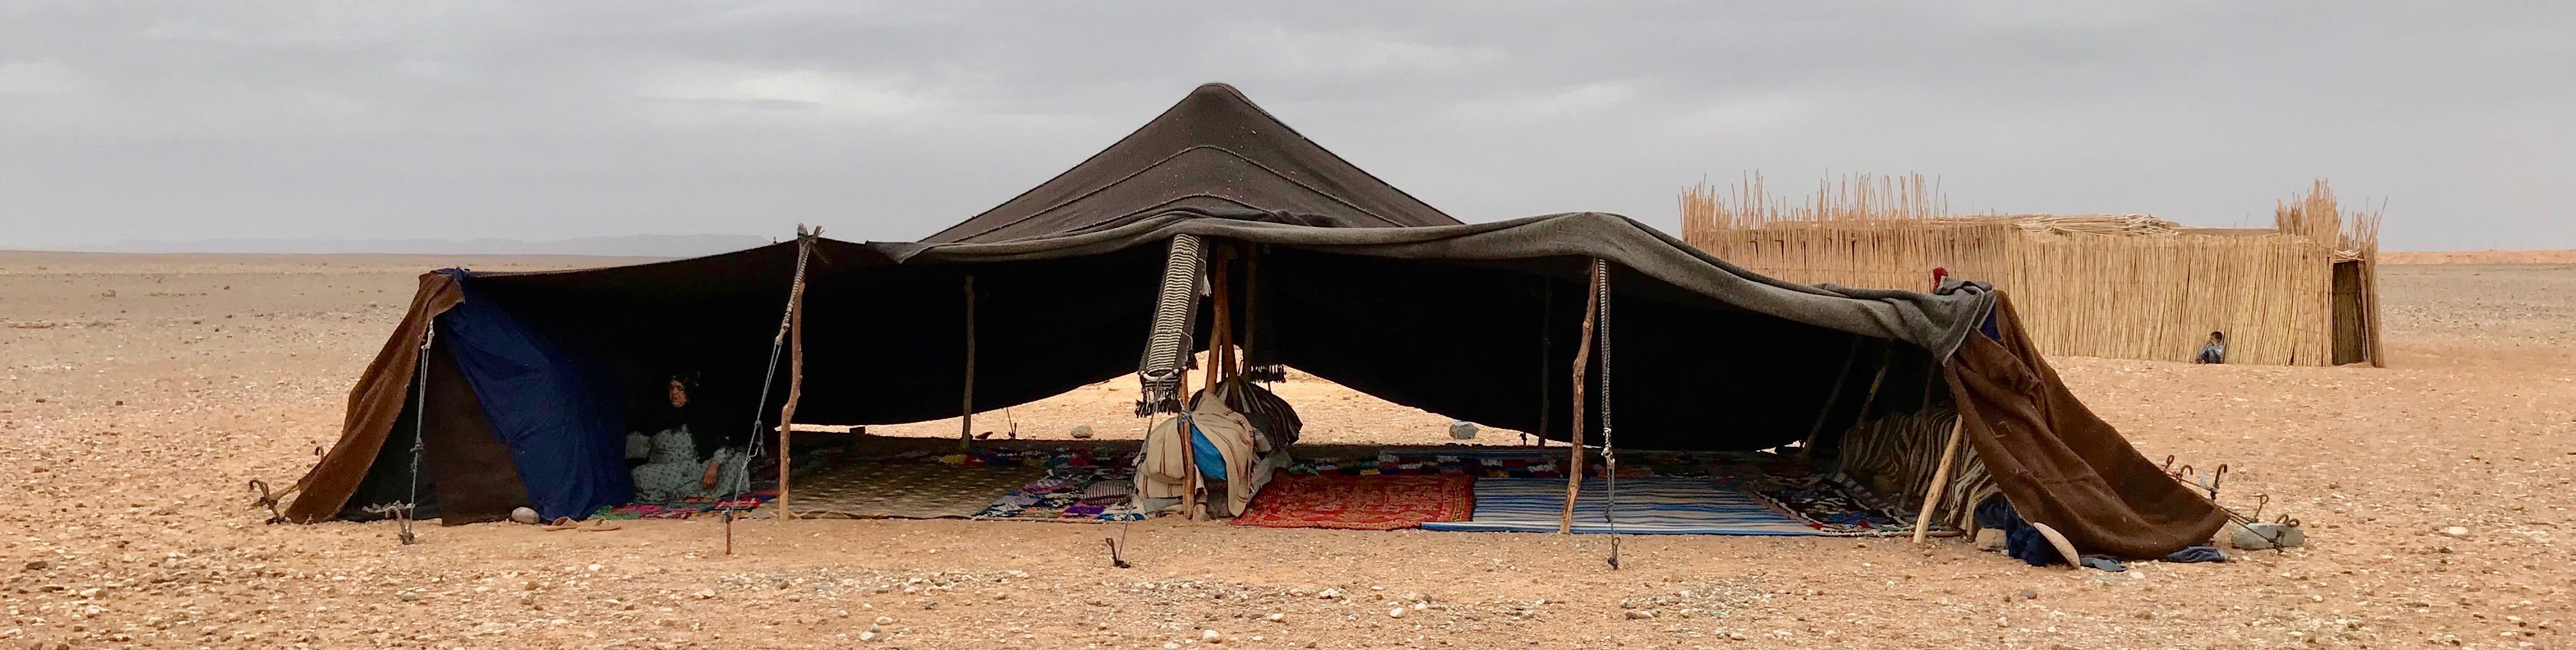 Bedouin woman's tent